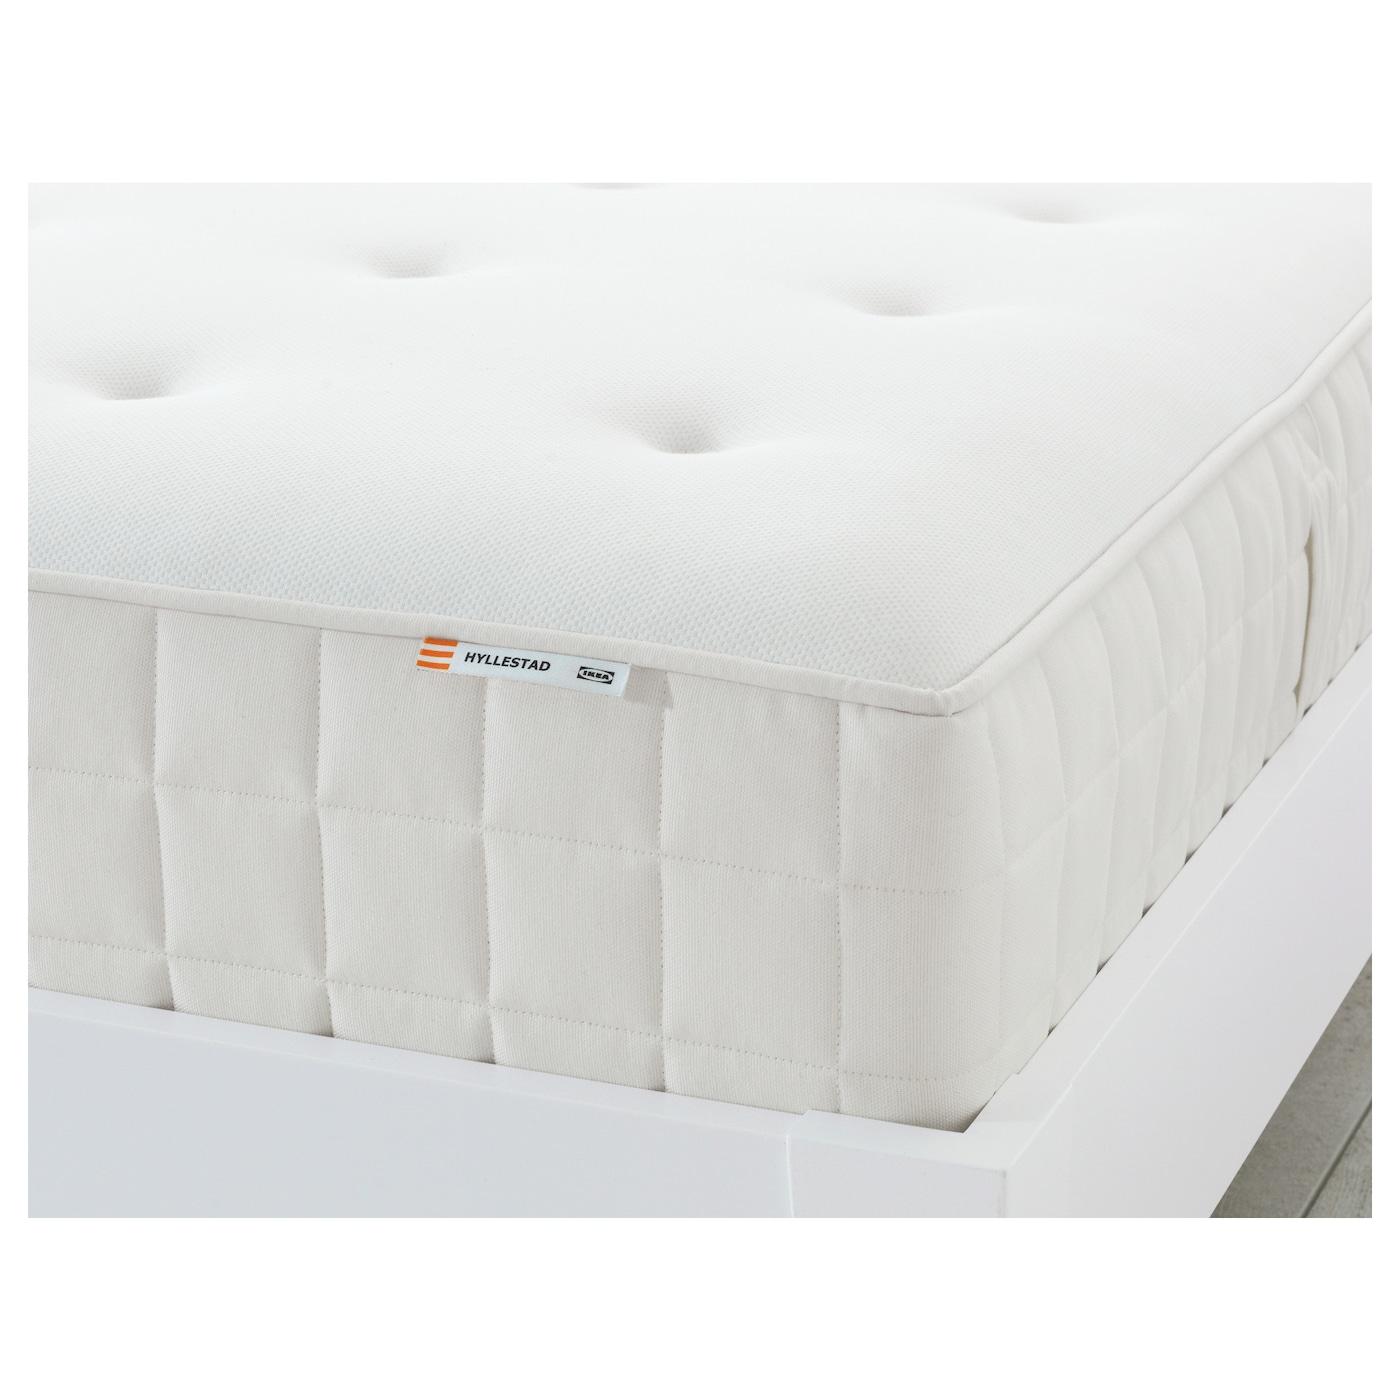 ikea matratzen test erfahrungen stiftung warentest ergebnisse. Black Bedroom Furniture Sets. Home Design Ideas